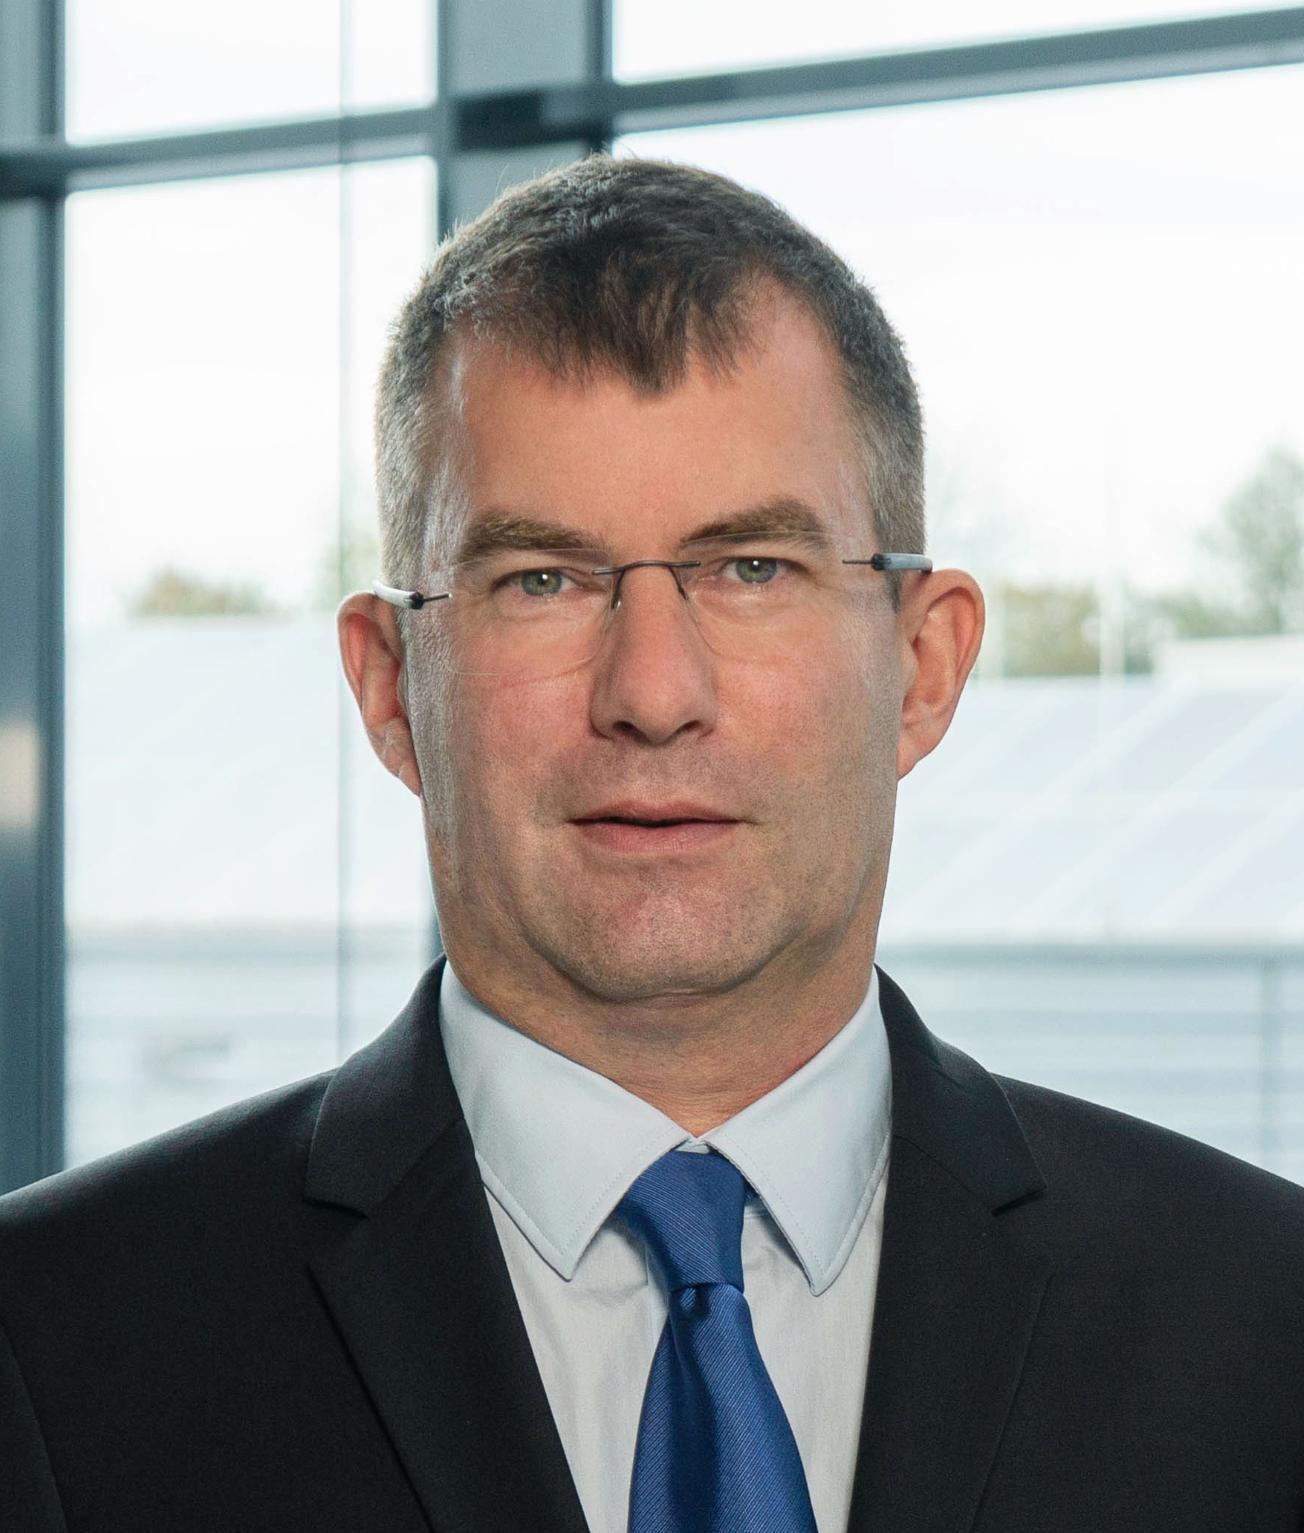 Jürgen Knie